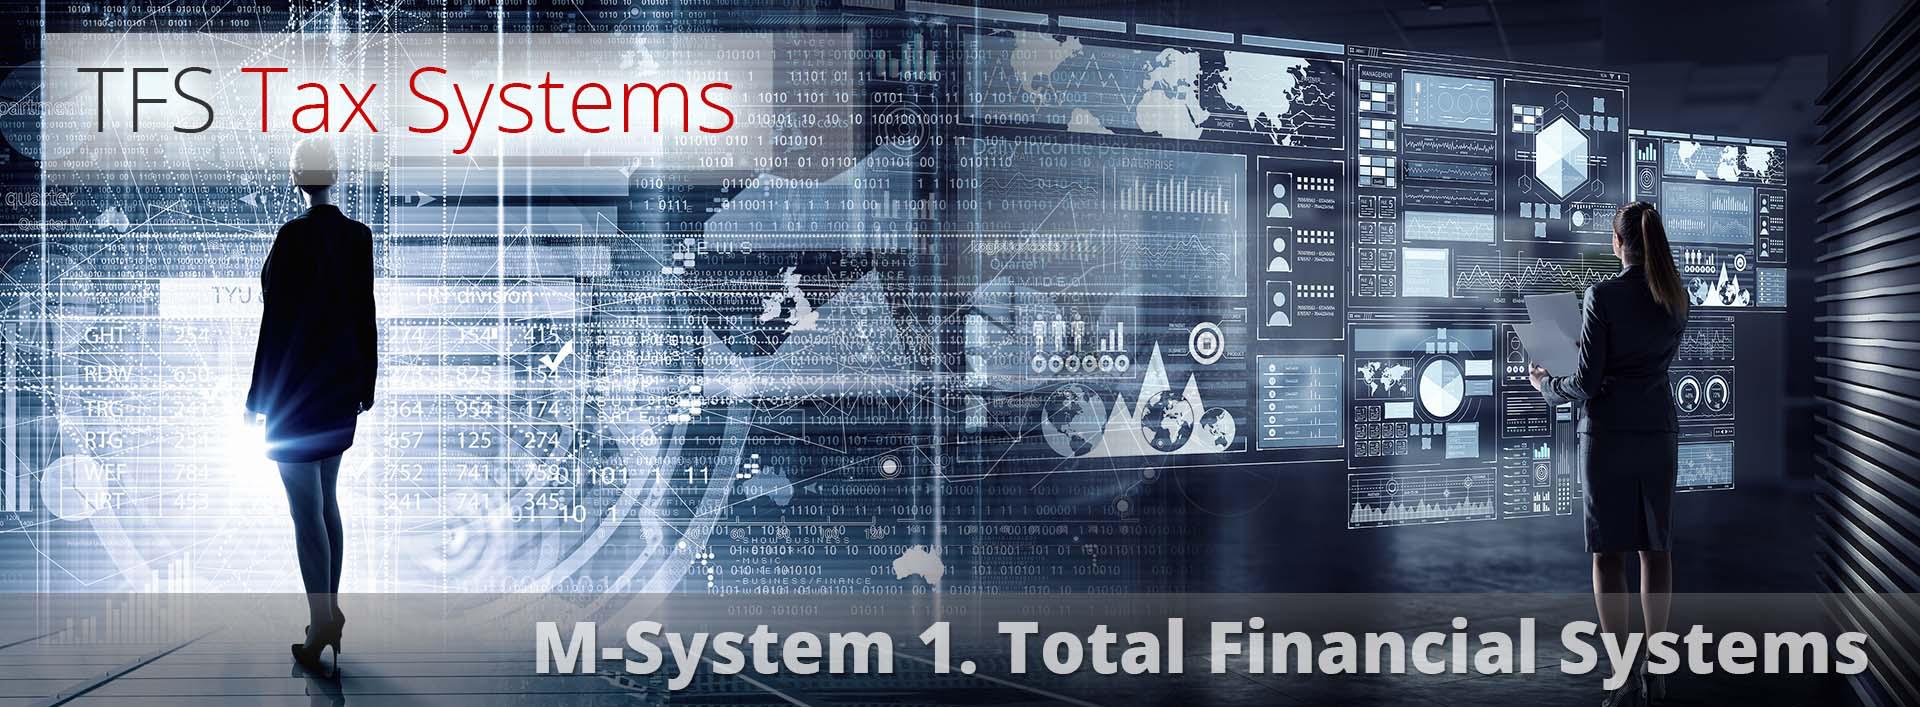 TFS Tax Systems